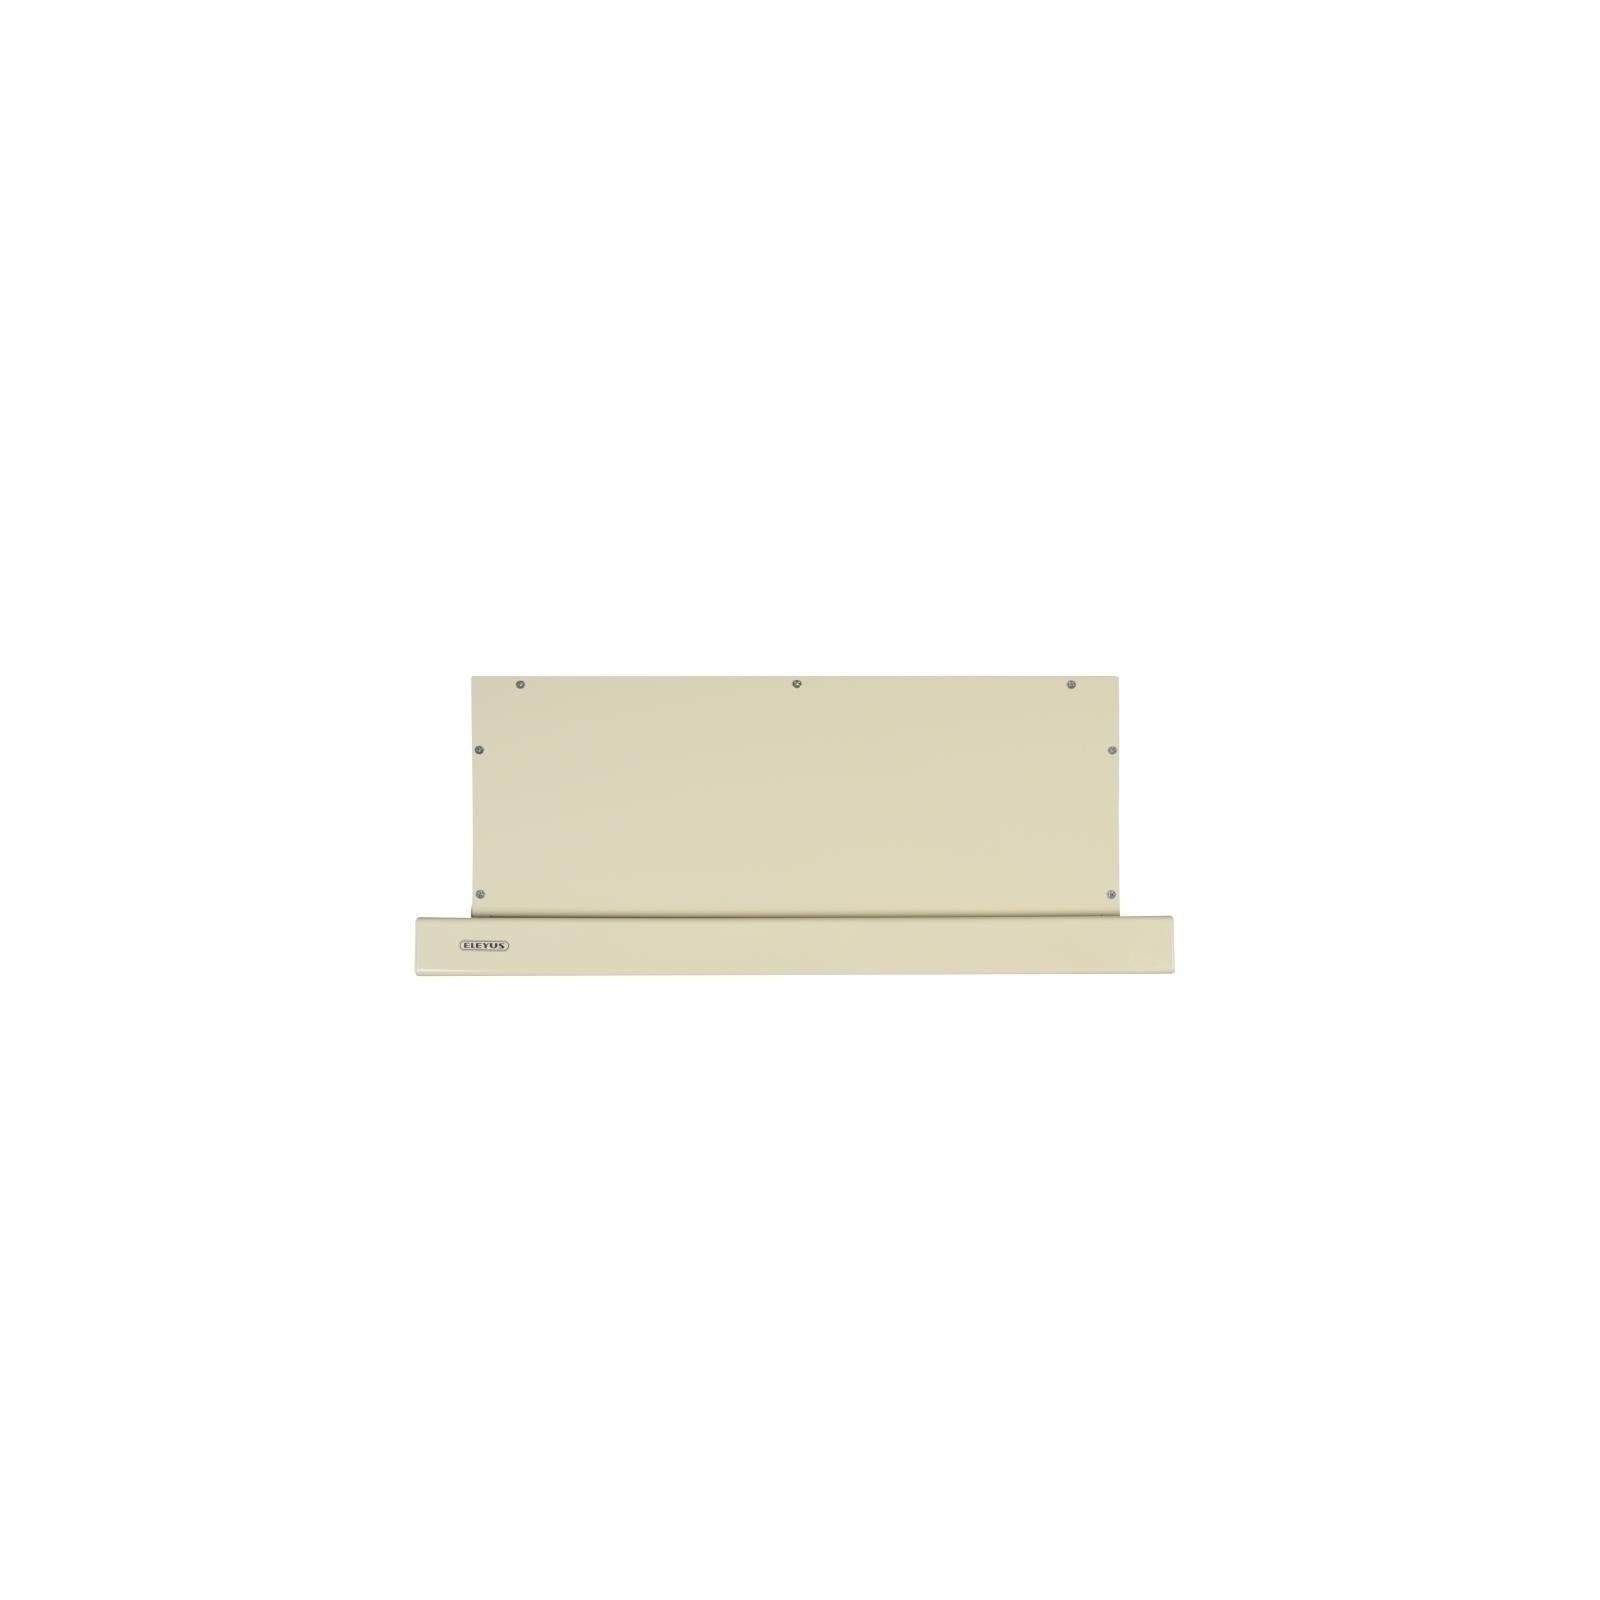 Вытяжка кухонная ELEYUS Storm 1200 LED 60 BG изображение 5